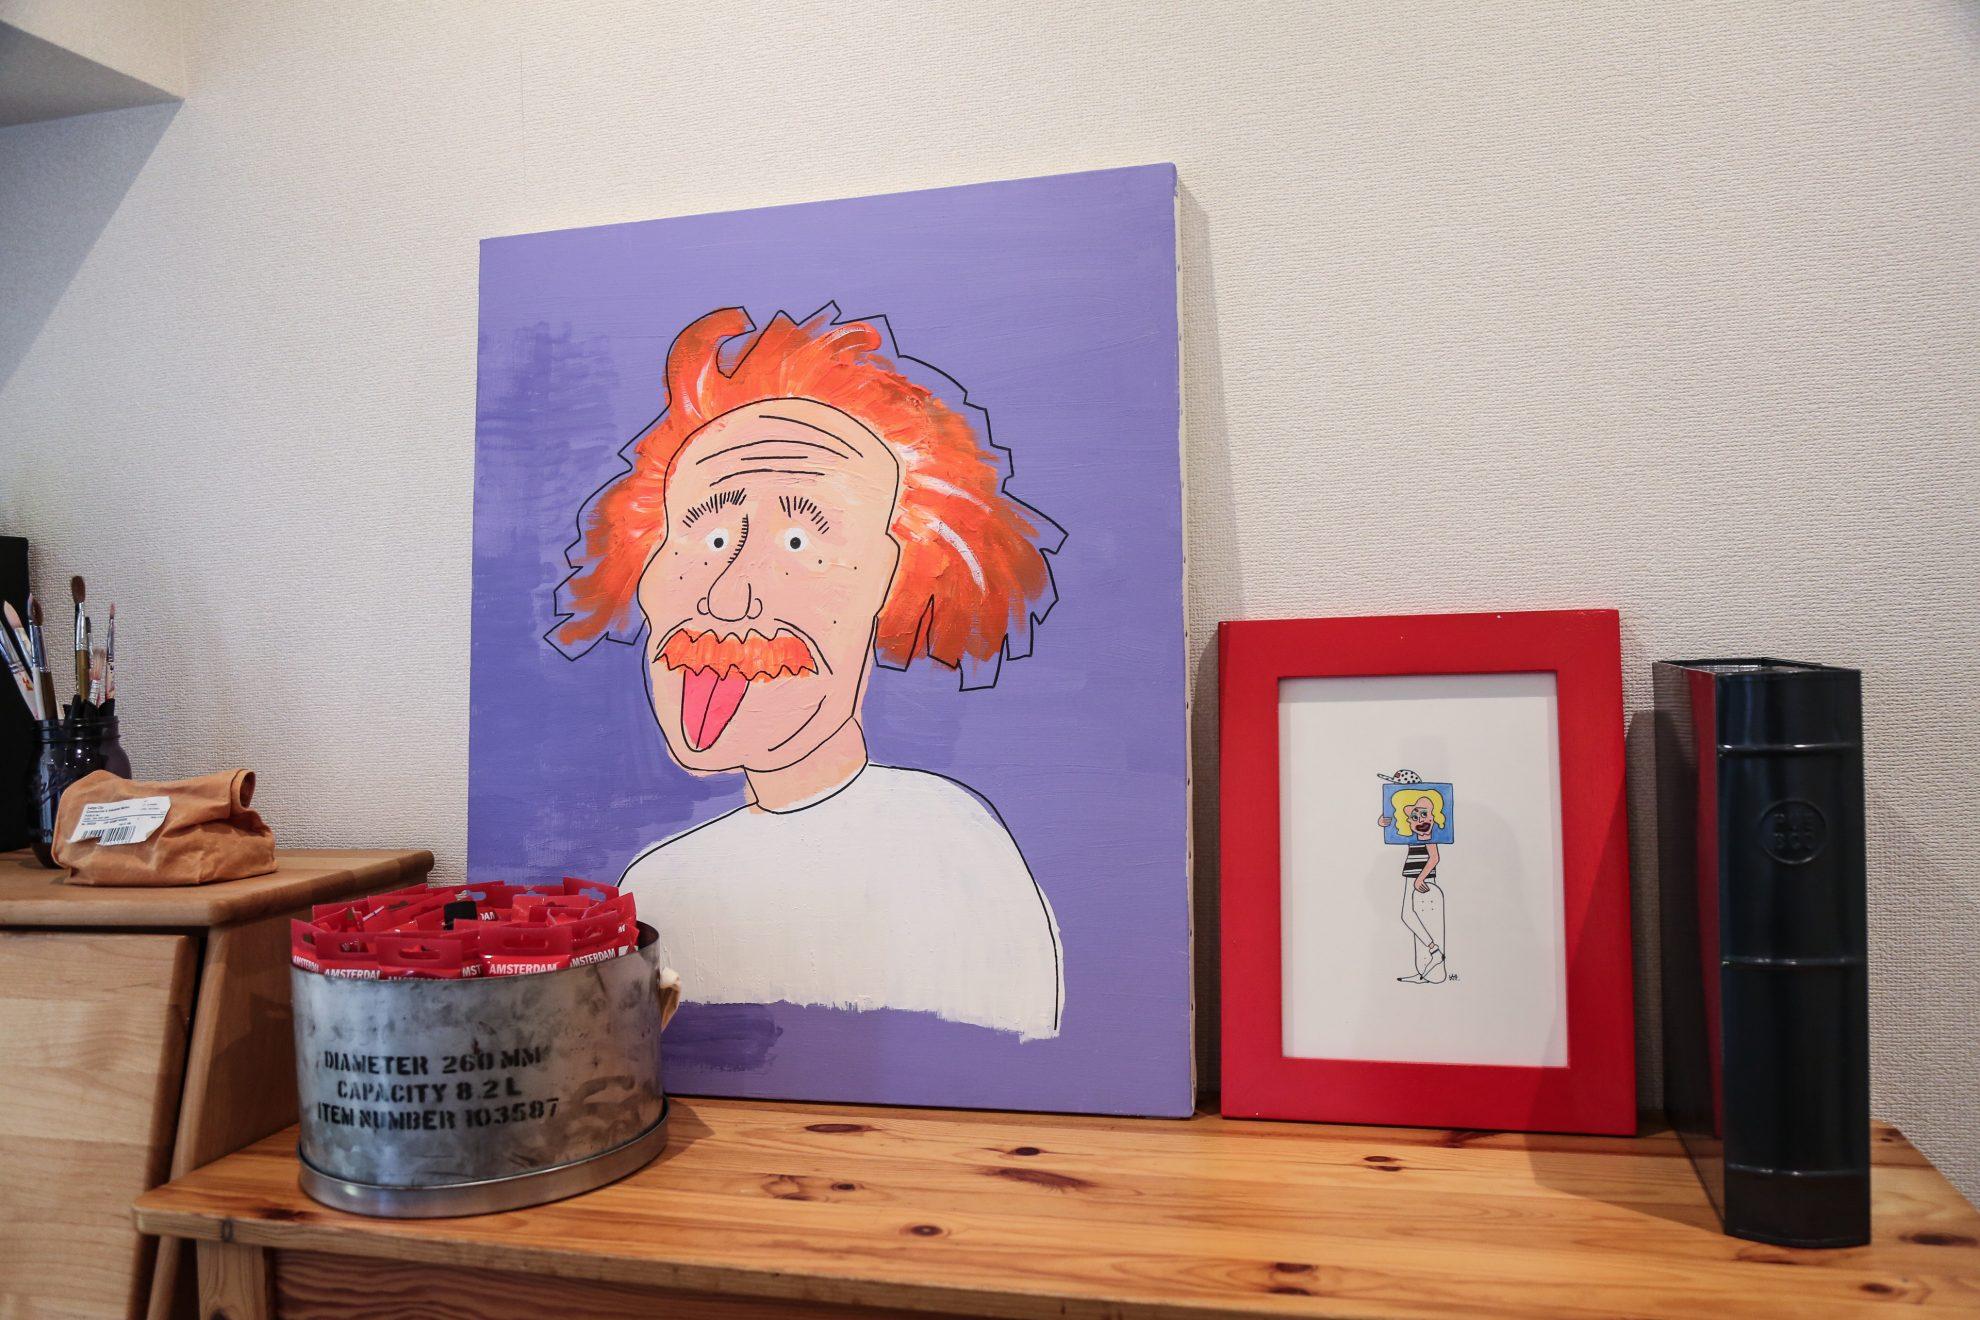 「息子が勉強しますように」とアインシュタインの絵を子供部屋に。笑